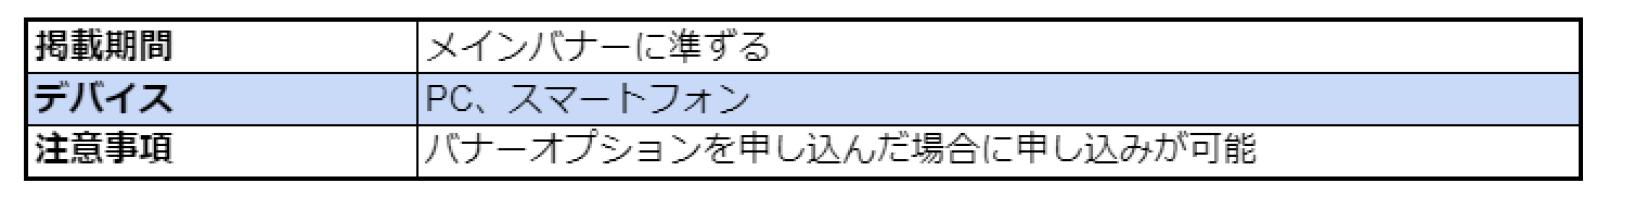 02c276d662fa236b13c60fe9ef190557